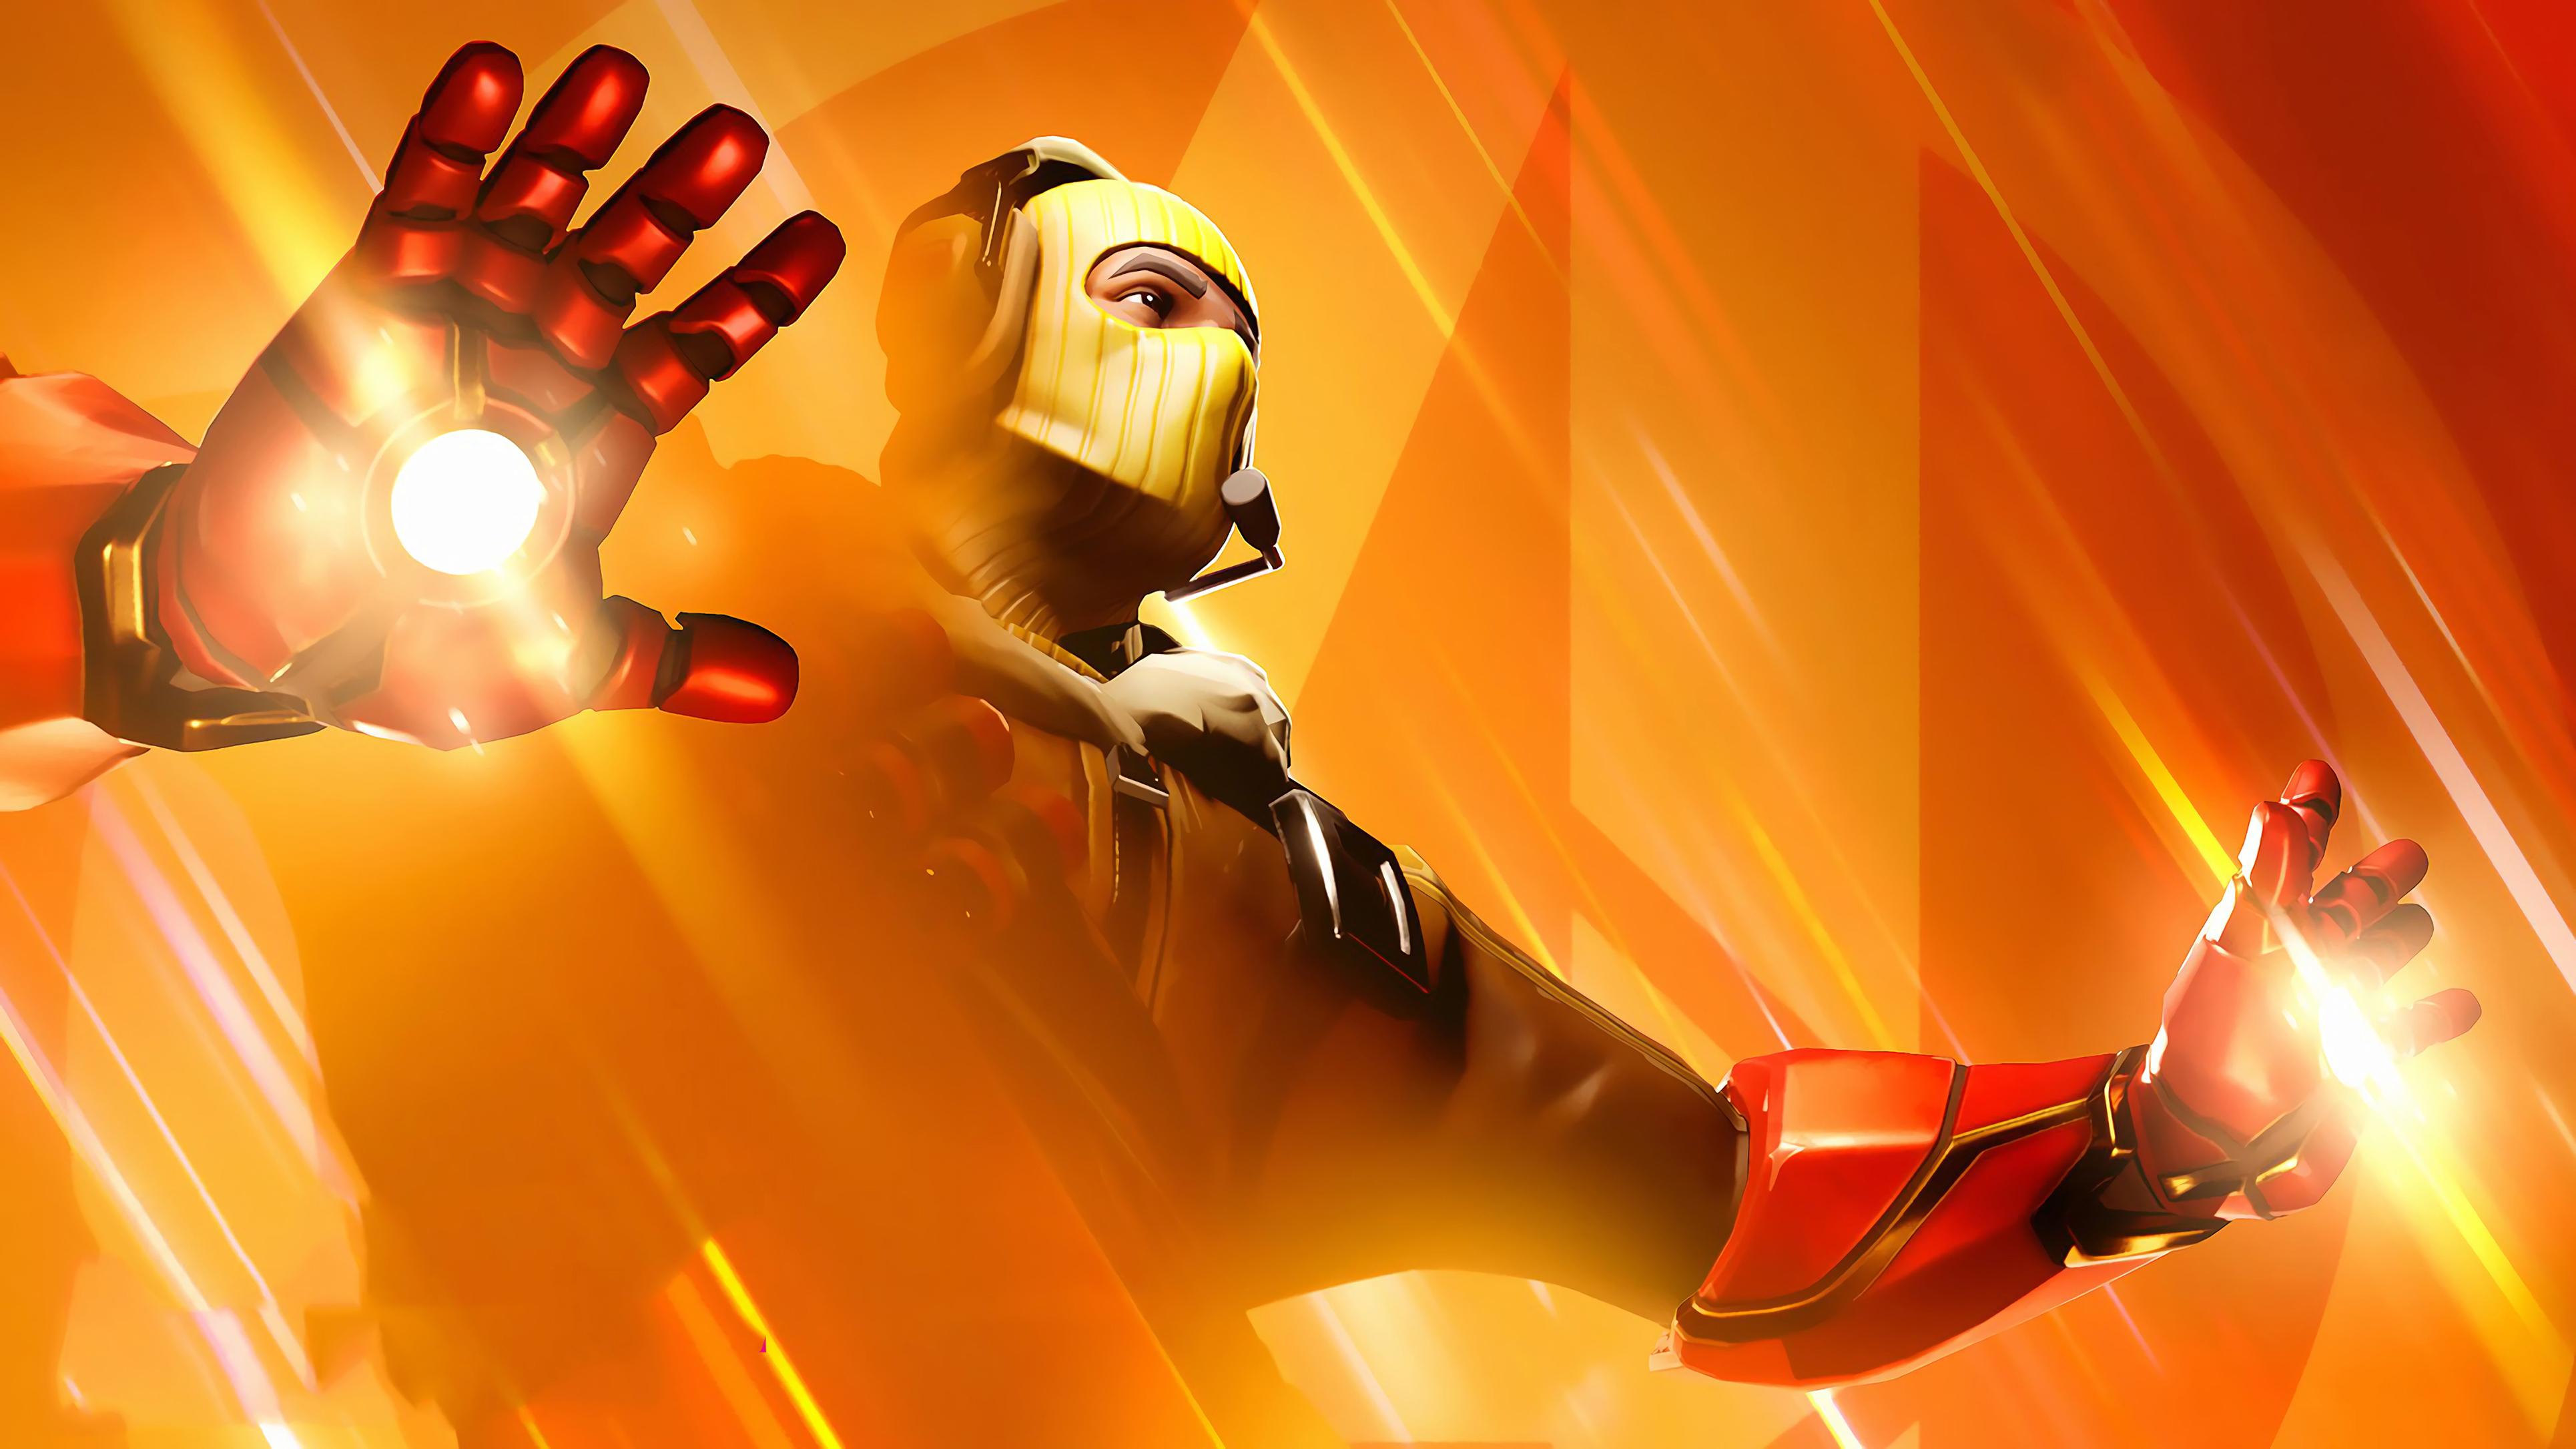 Iron Man Fortnite Avengers Endgame Raptor Wallpaper Hd